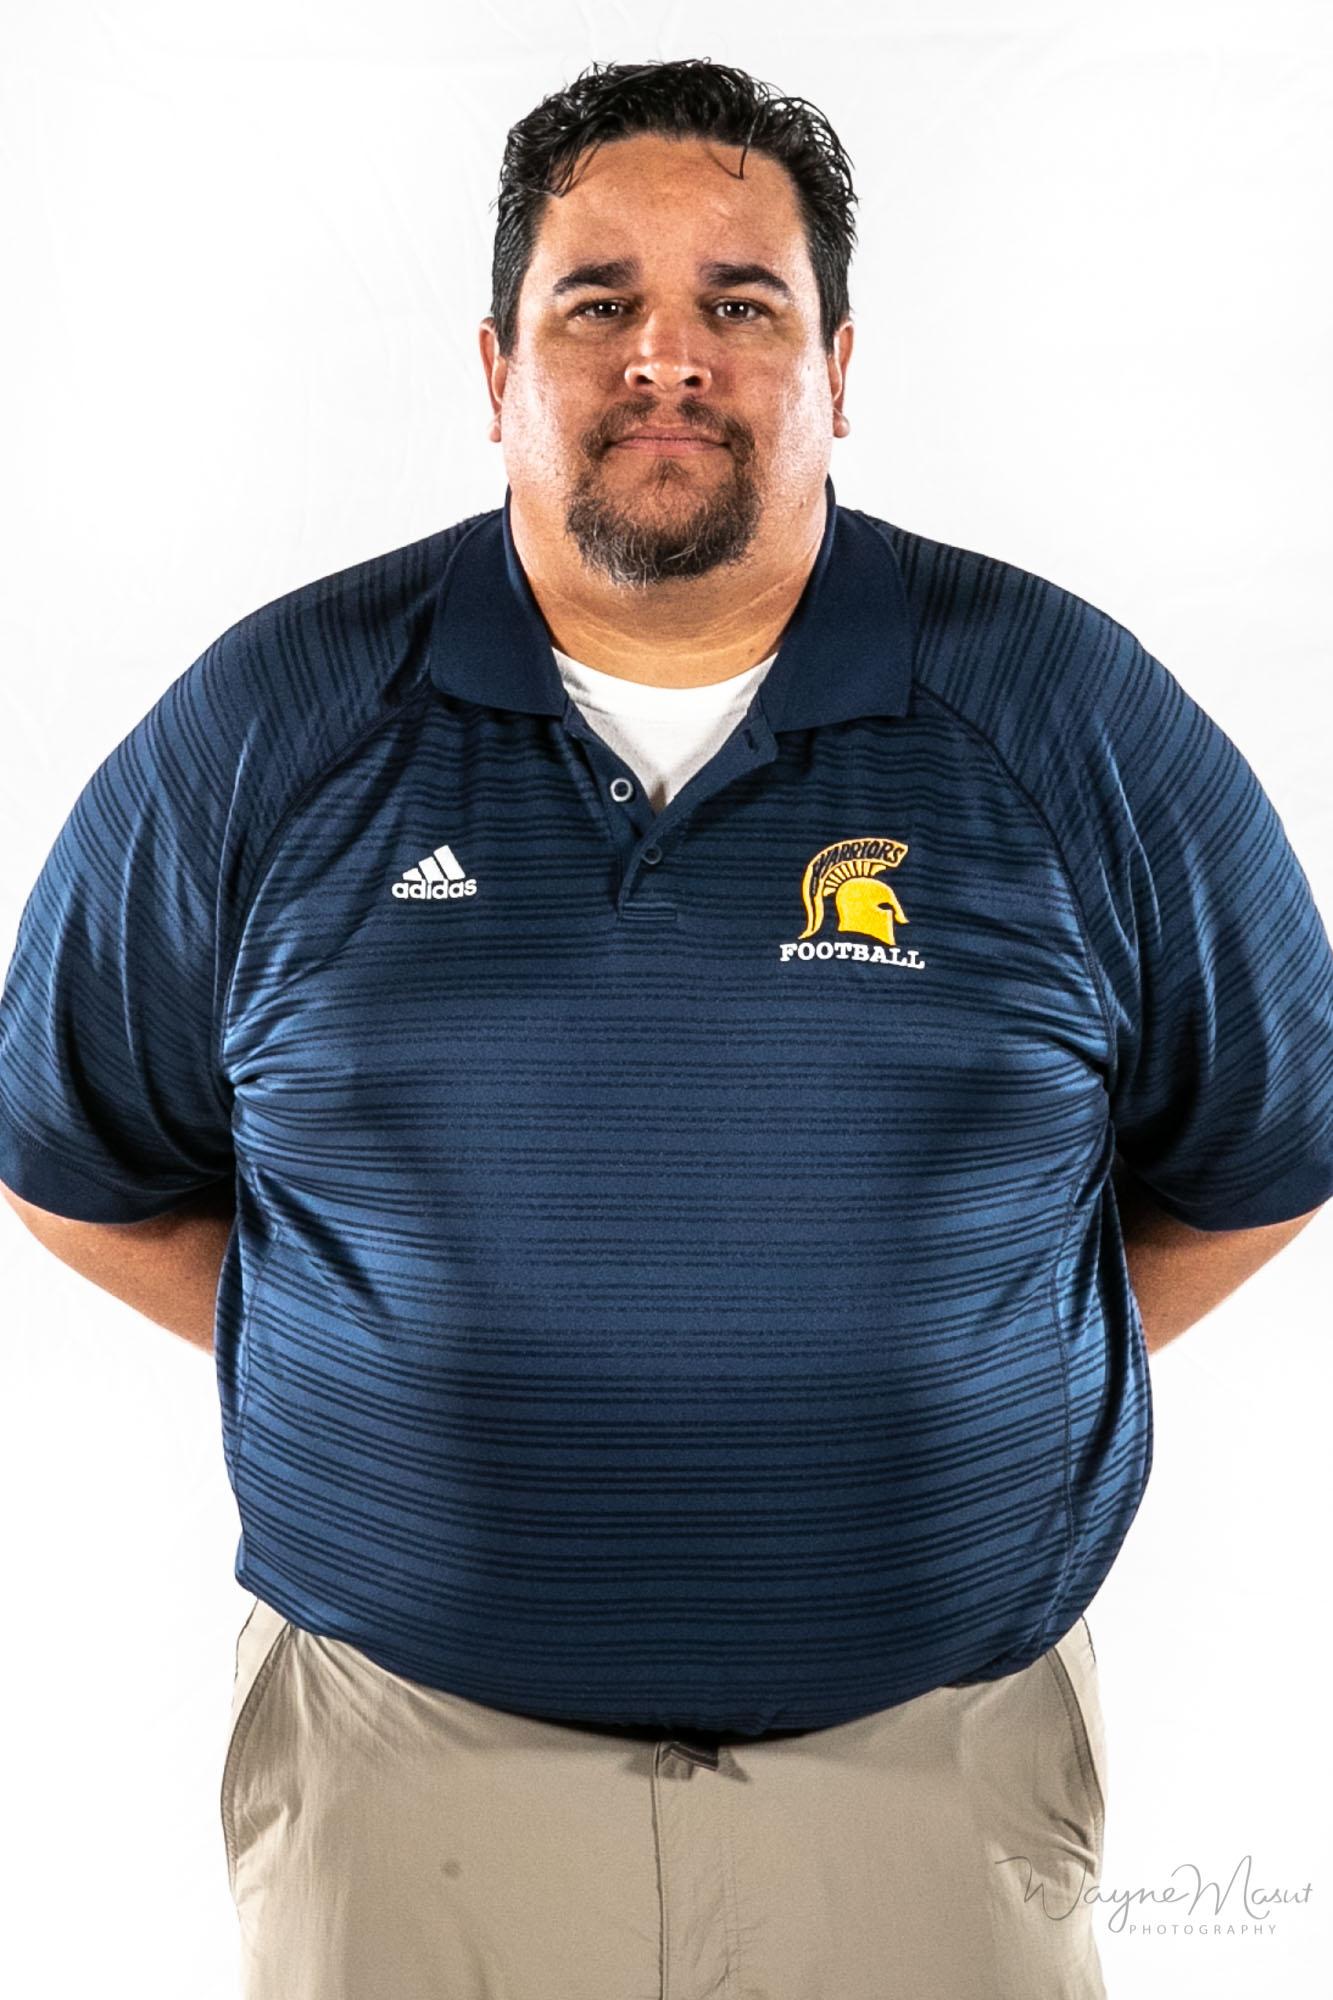 Coach Jordan